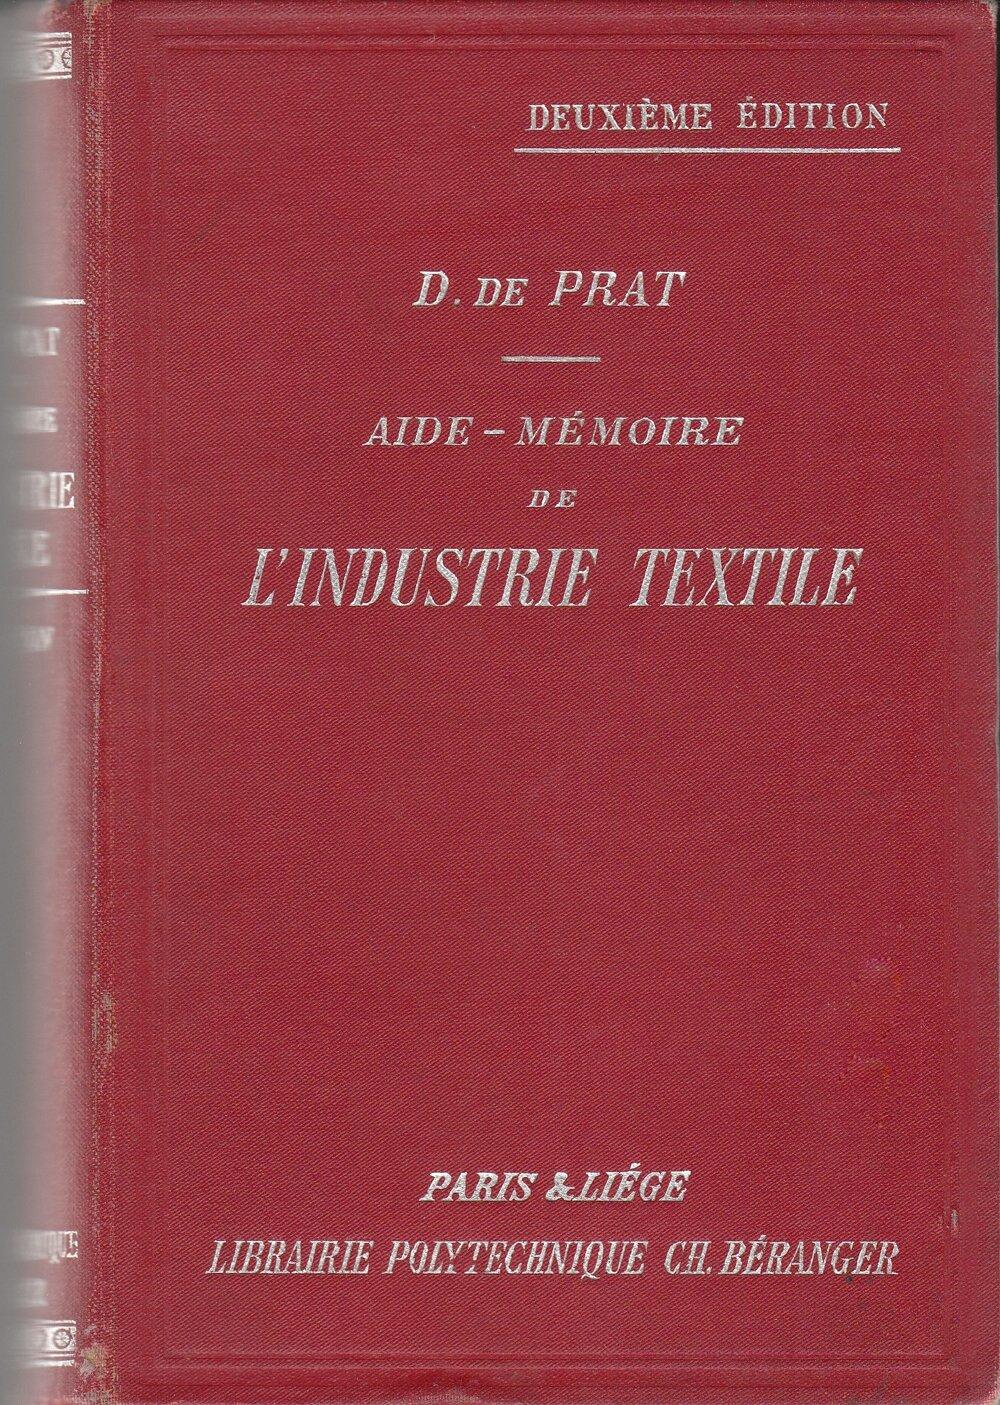 aide-mémoire de l'industrie textile